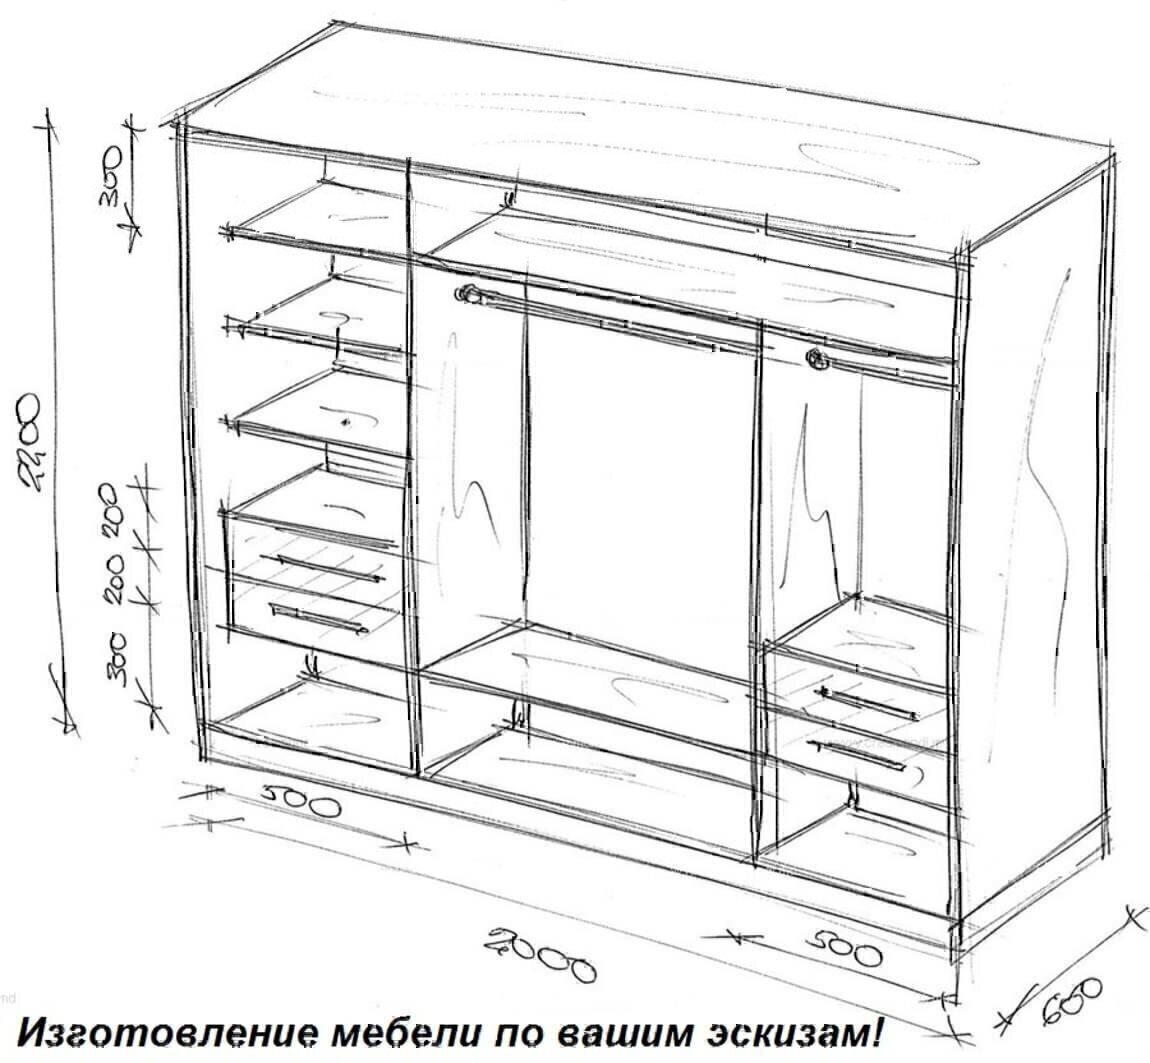 Дизайн шкафовкупе чертежи с размерами Дизайн